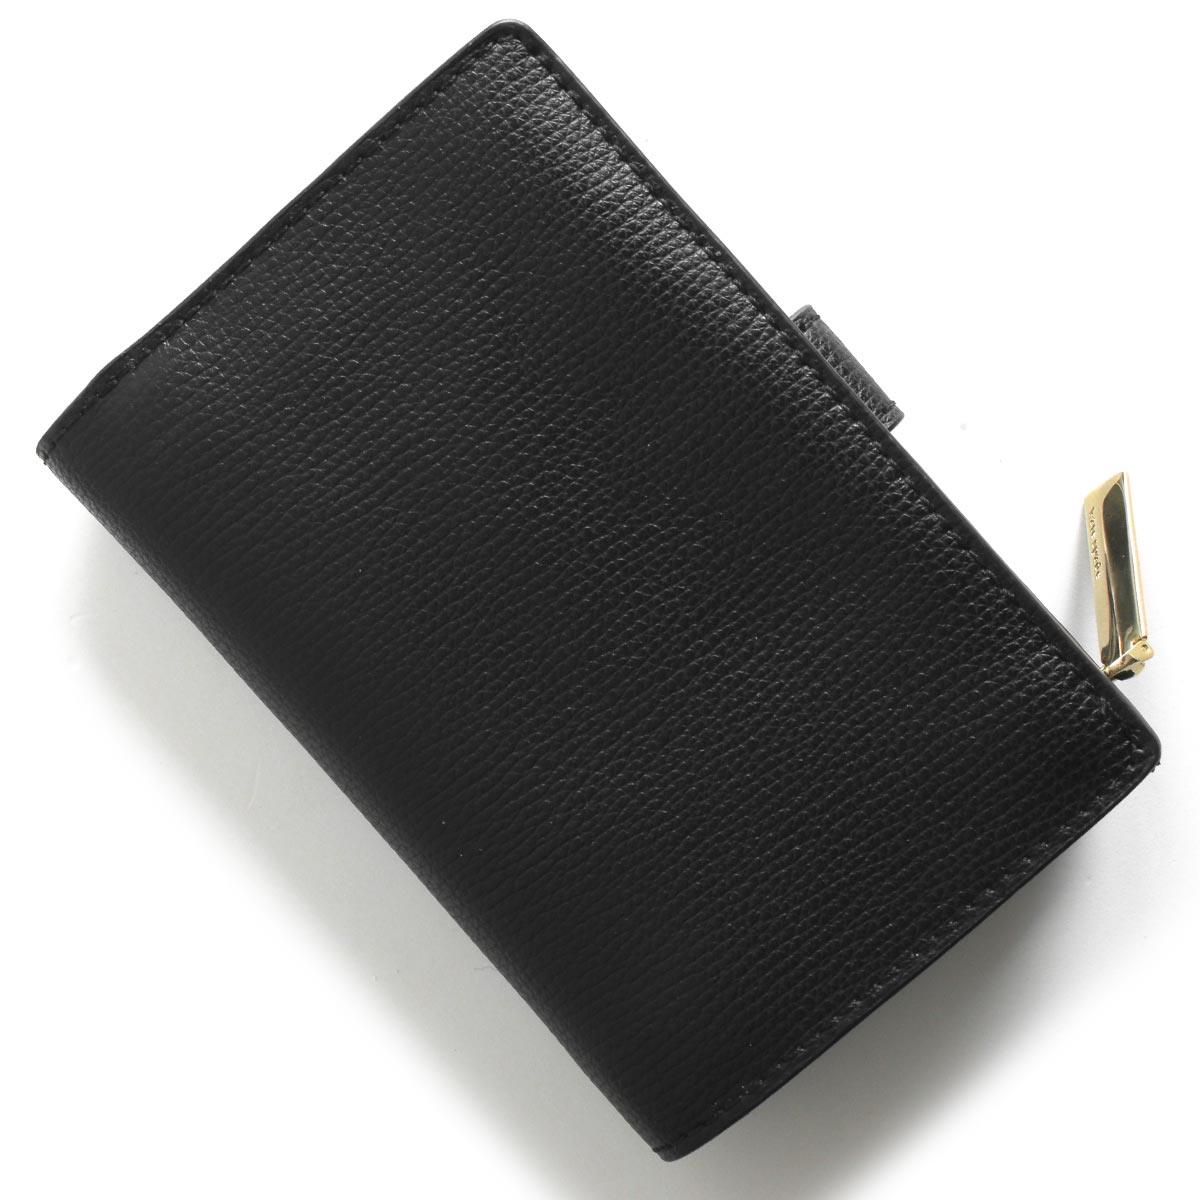 ケイトスペード 二つ折り財布 財布 レディース シルヴィア ミディアム ブラック PWRU7230 001 2019年秋冬新作hdtxBosCQr